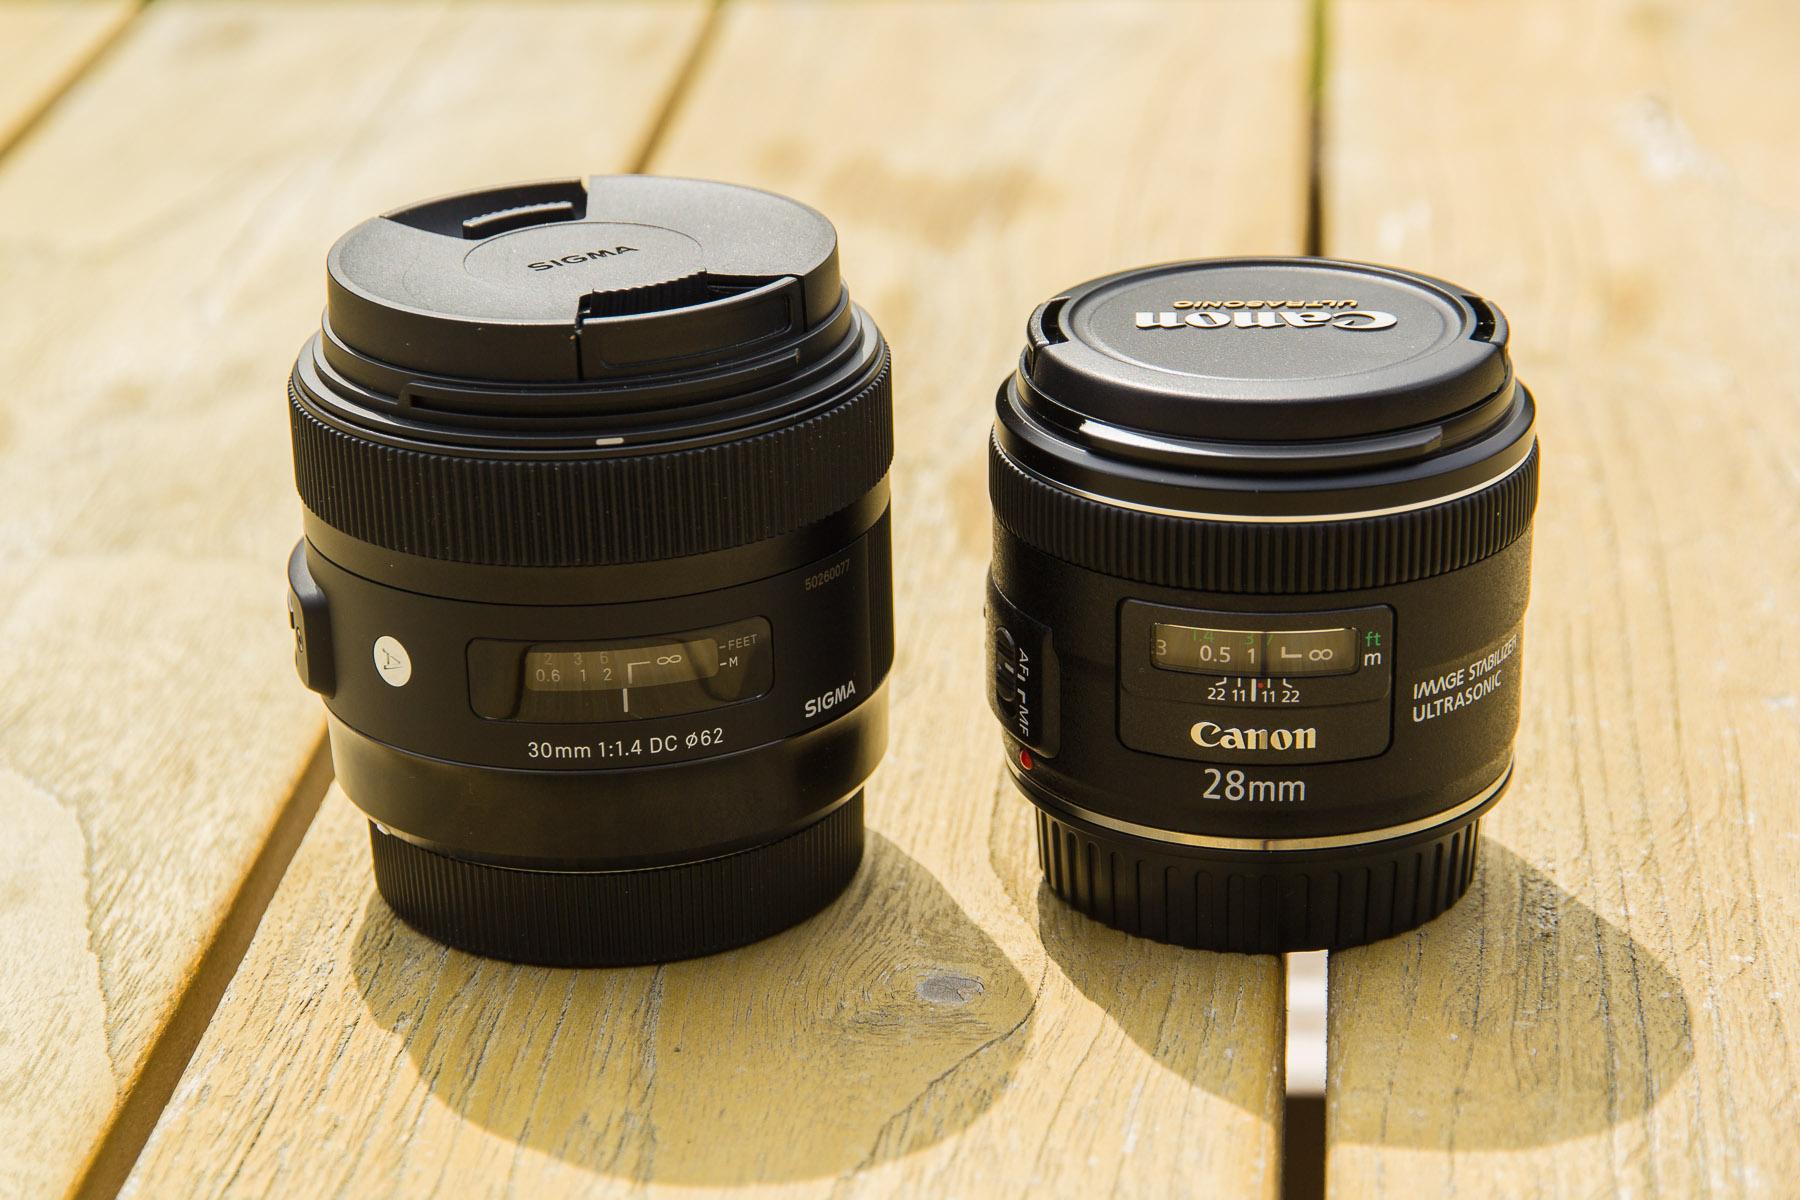 Sigma 30mm f/1.4 und Canon 28mm f/2.8 IS im Größenvergleich